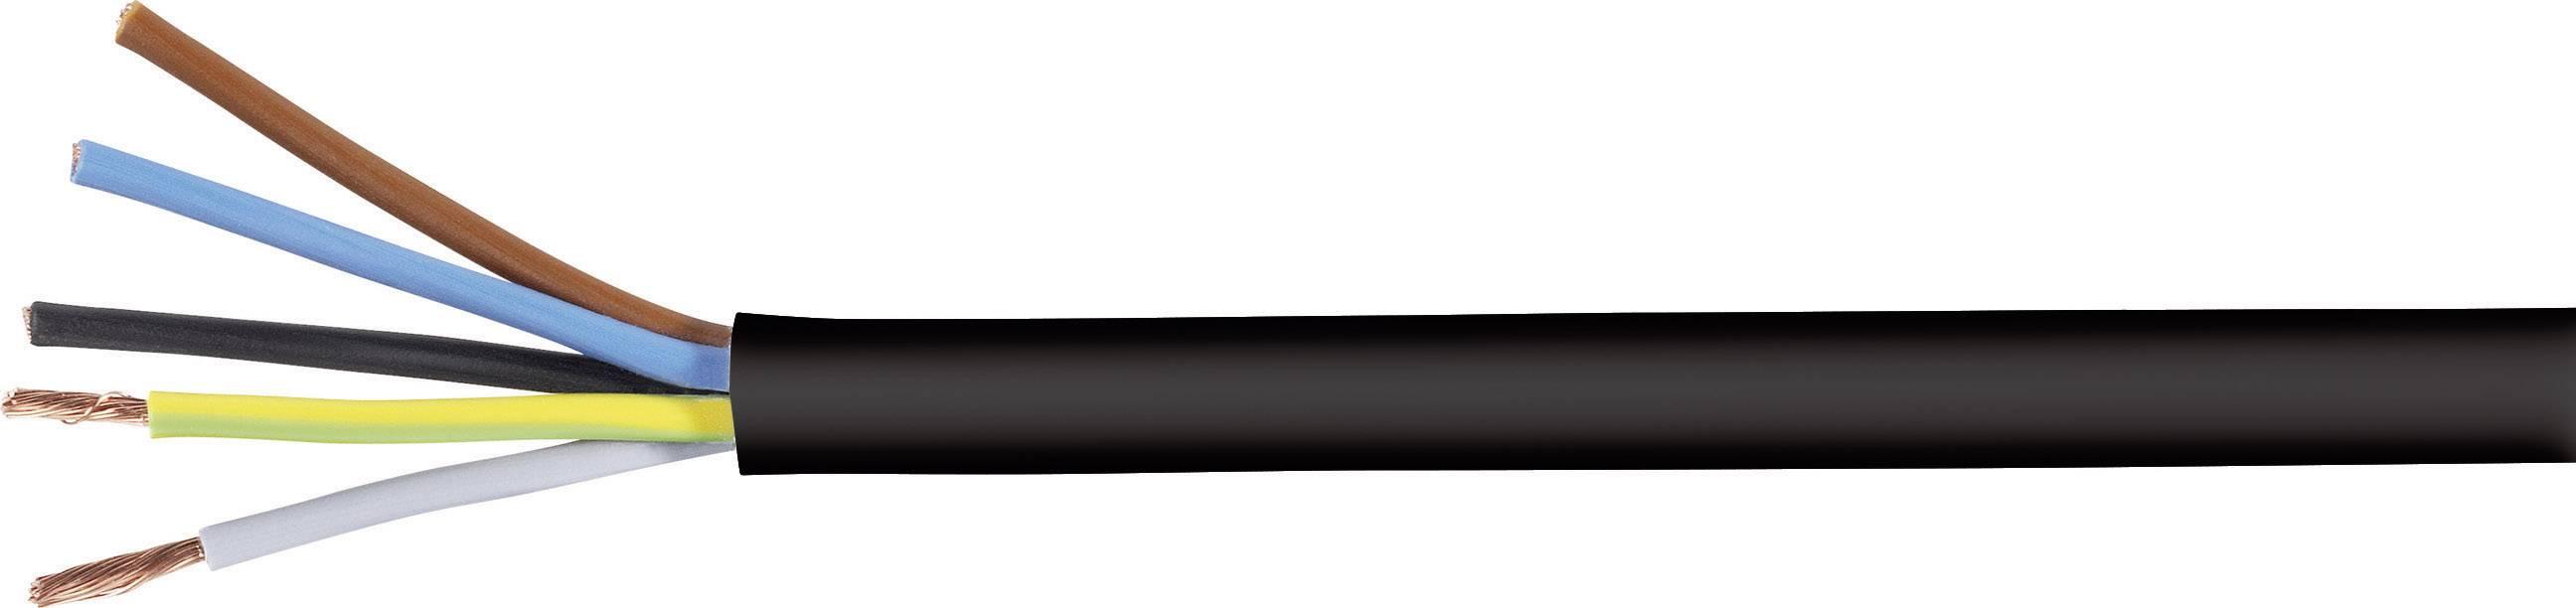 Vícežílový kabel LAPP H05VV-F, 3028243, 5 G 2.50 mm², černá, metrové zboží